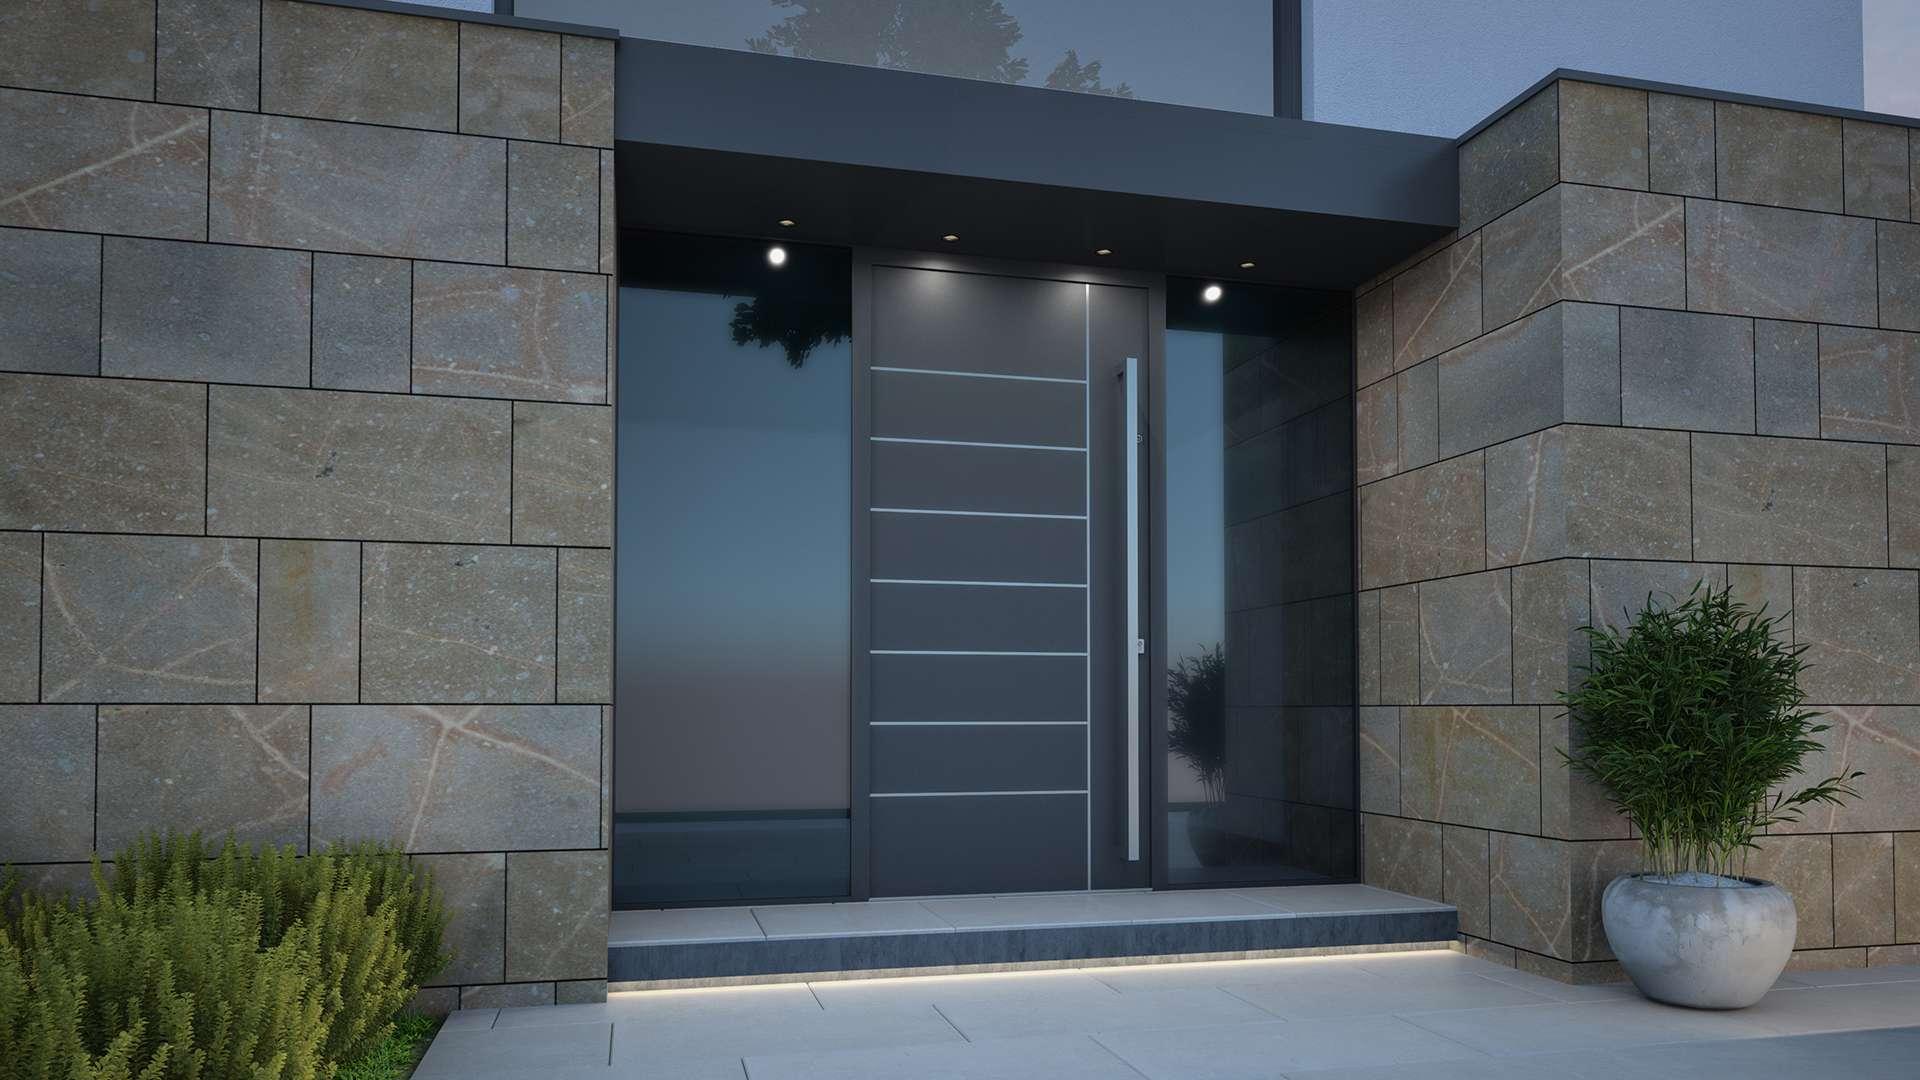 dunkelgraue Haustür mit Glaselementen rechts und links in einer Steinfassade eines modernen Hauses